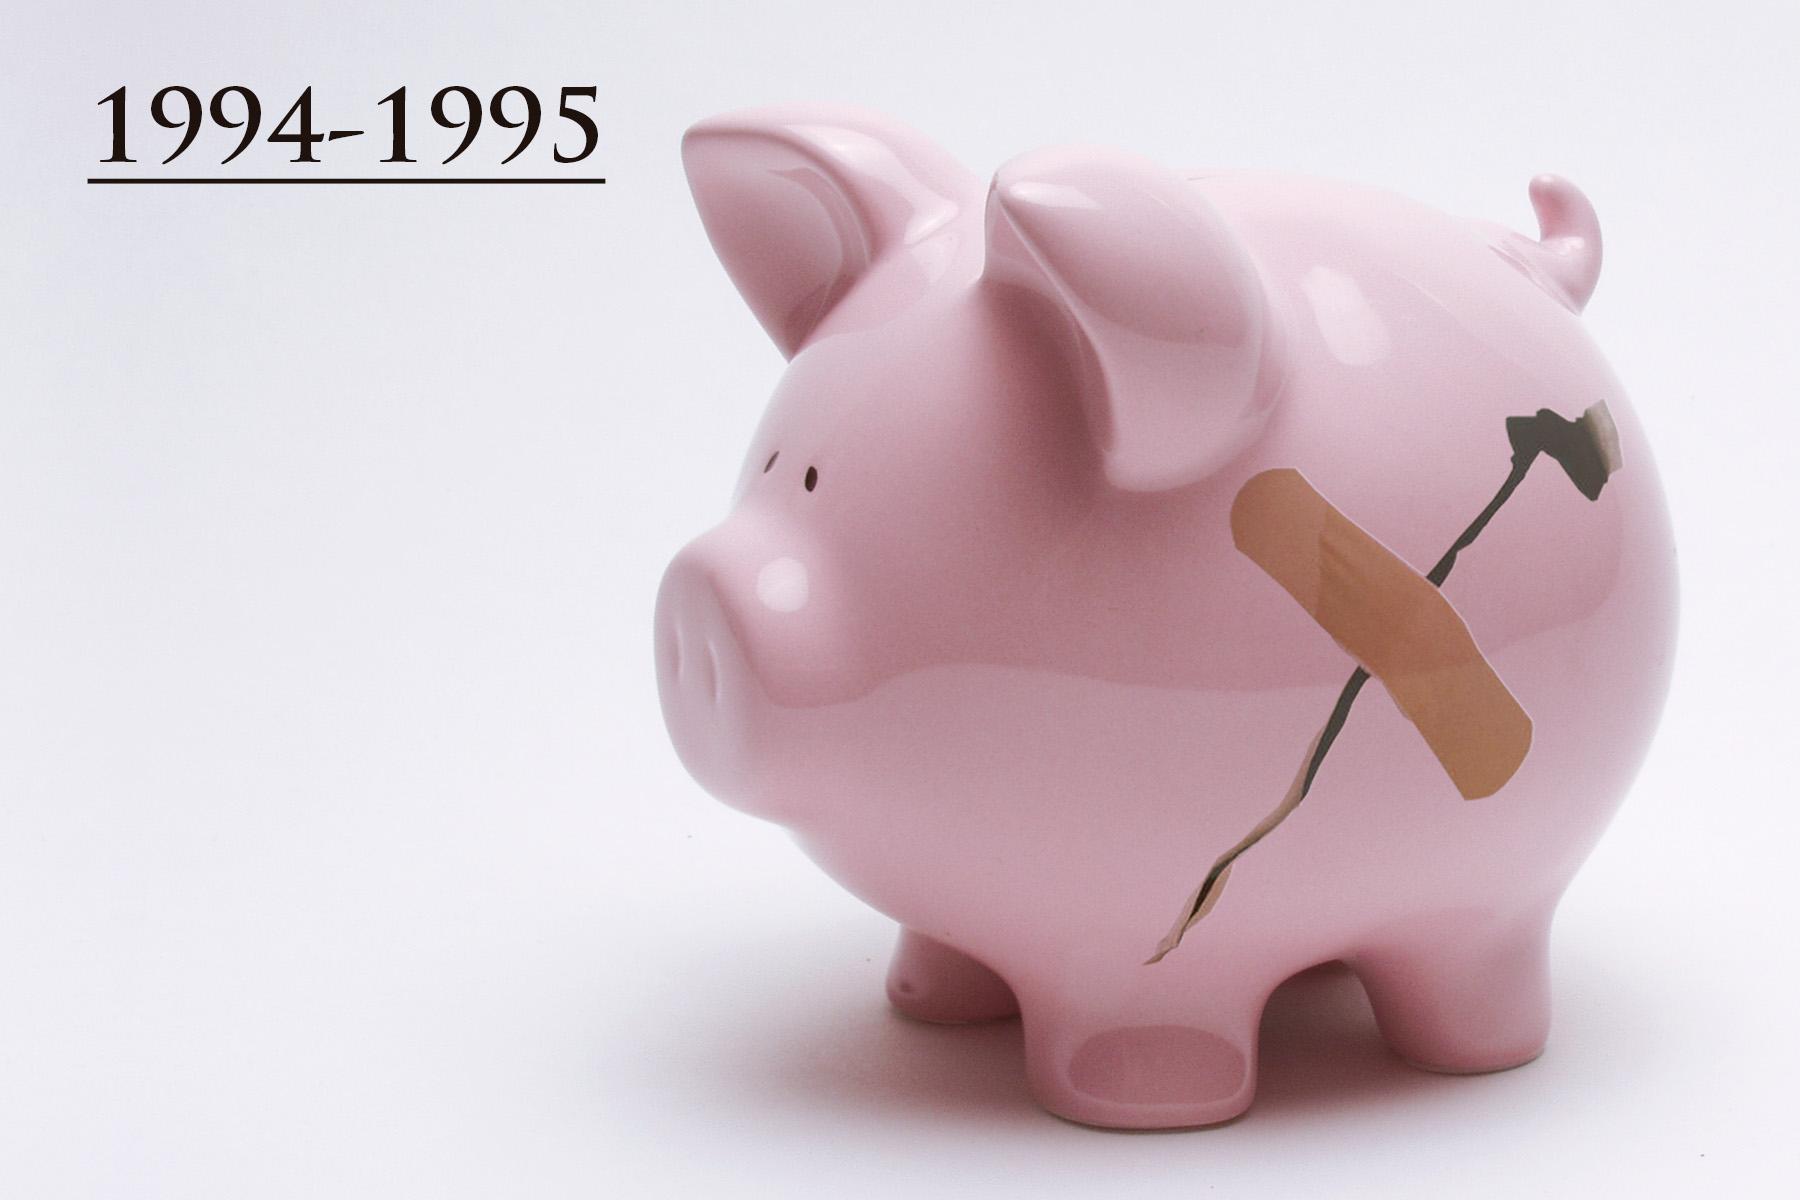 """Derivado de la crisis, era clara la insolvencia de algunos bancos, con una amplia posibilidad de enfrentar una """"corrida bancaria"""" y por ende el colapso del sistema financiero. El Gobierno Federal actuó con rapidez y decisión para evitar un daño mayor, adoptando una serie de medidas de apoyo a la banca y a los deudores, cuya premisa fue la salvaguarda de los ahorros de la sociedad."""